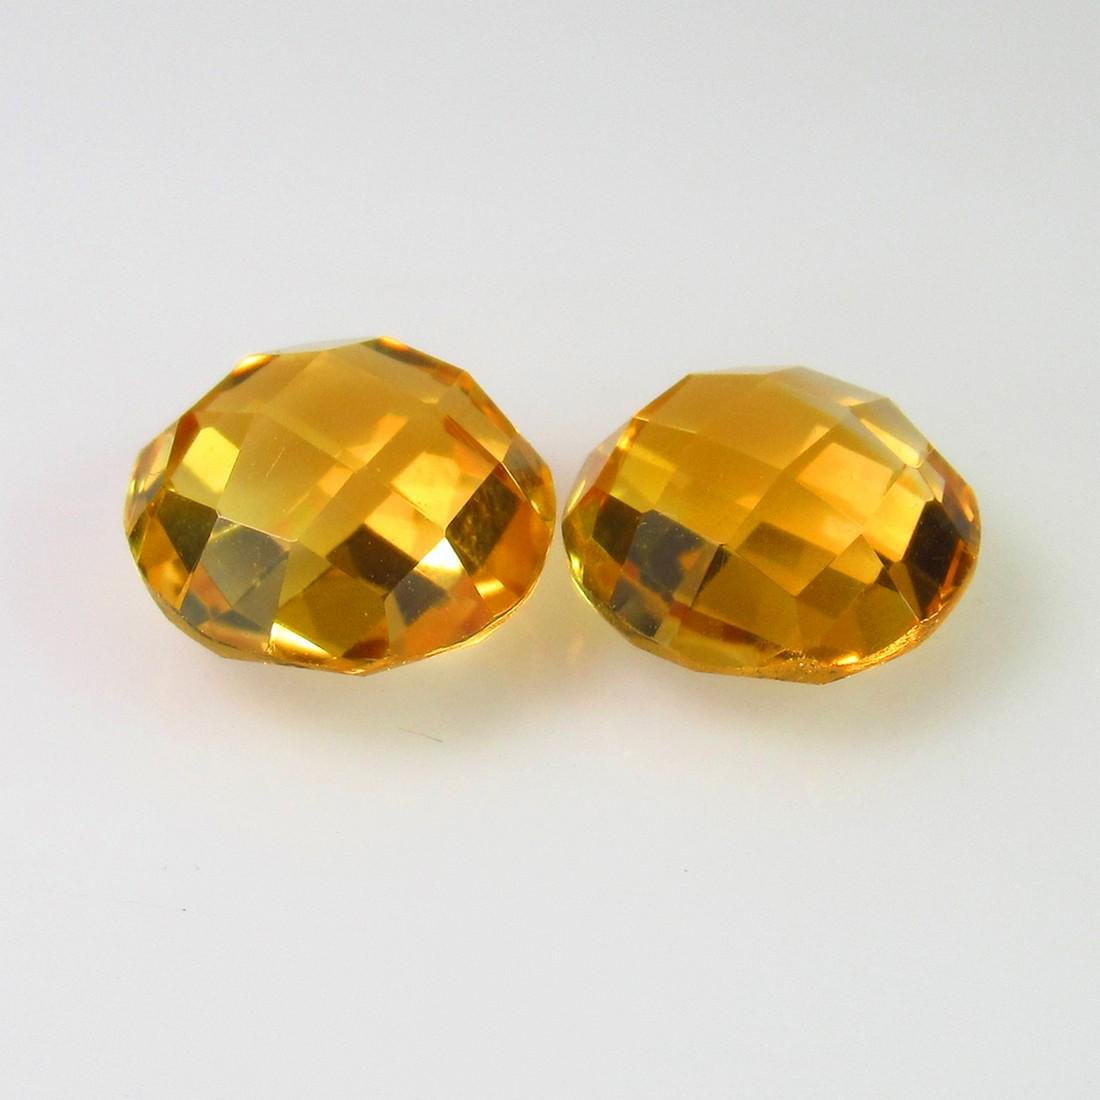 6.29 Ct Genuine Orange Yellow Citrine Round Pair